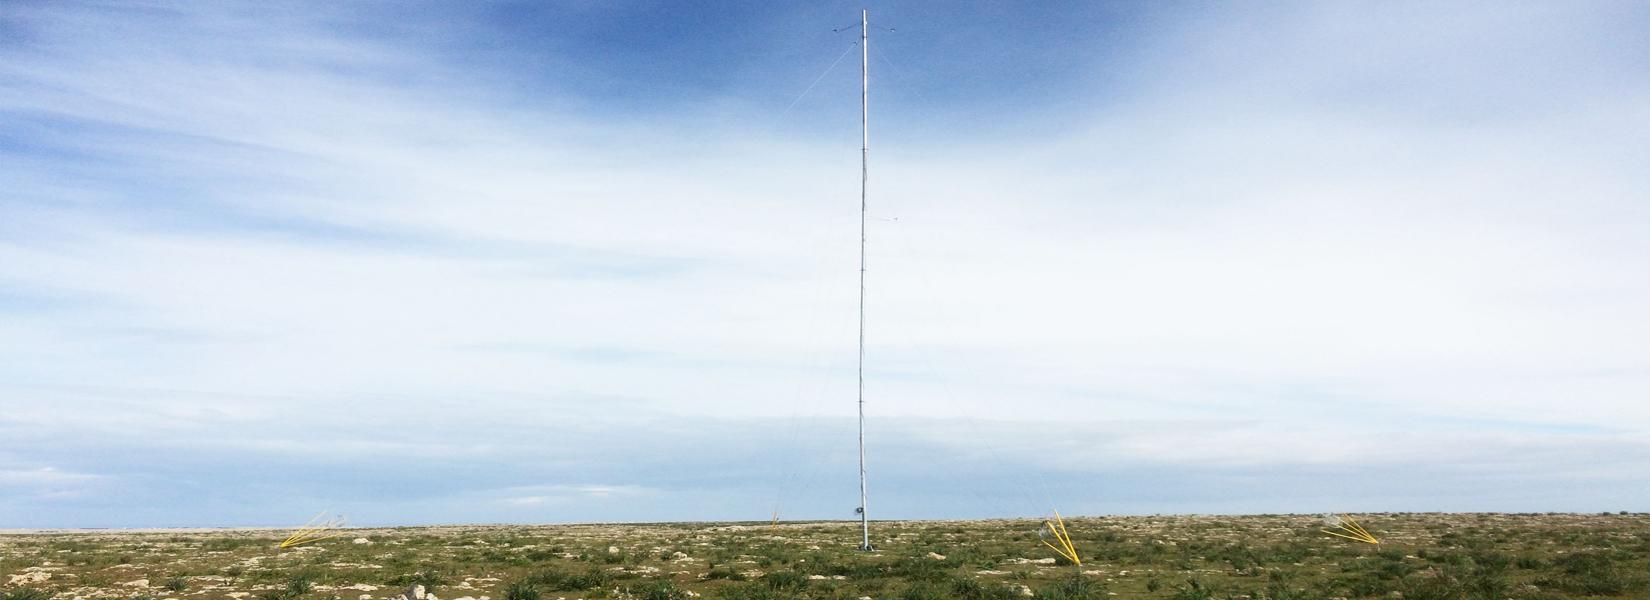 Lendosphere innovent mat2